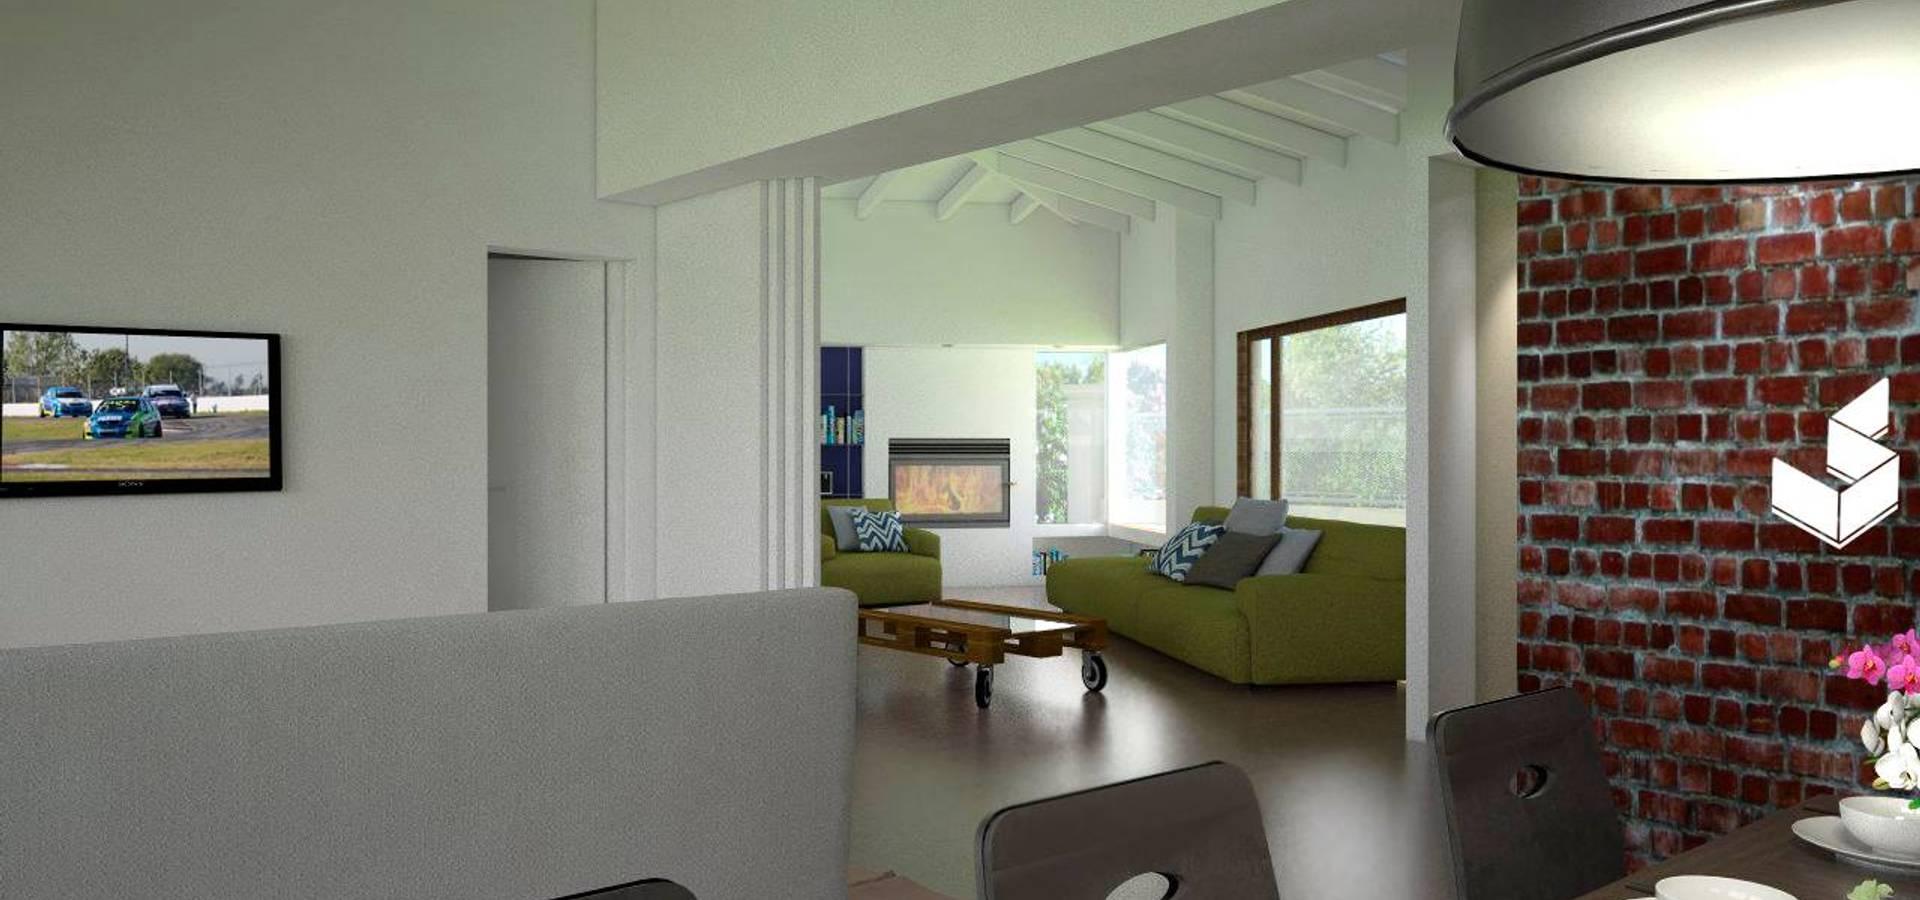 Ignacio Tolosa Arquitectura